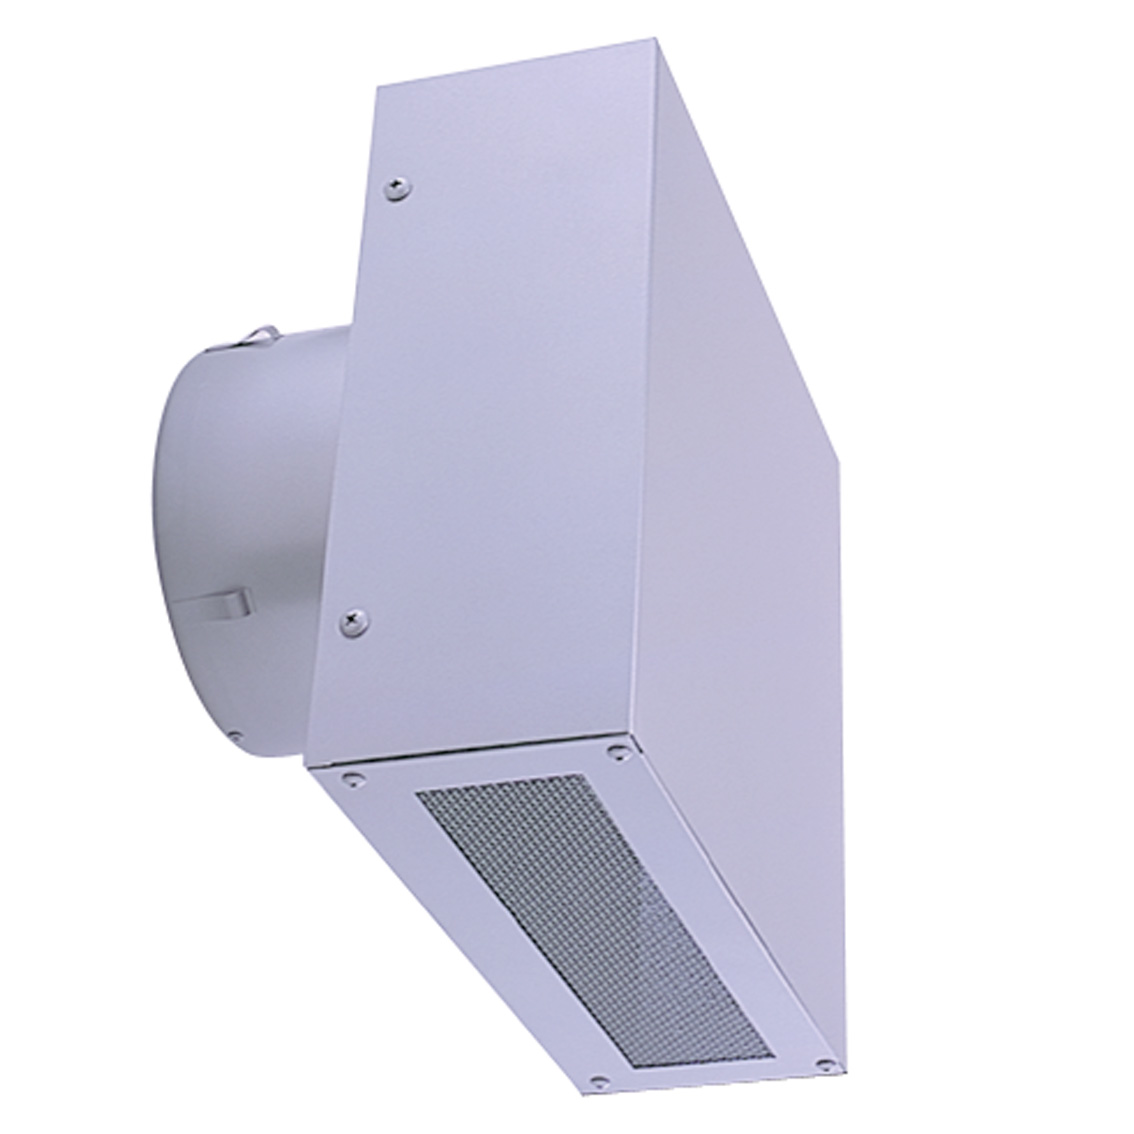 西邦工業 SEIHO KKND175BSC 受注生産 防音型製品(ステンレス製換気口) 金網型10メッシュ 防音タイプ 防火ダンパー付